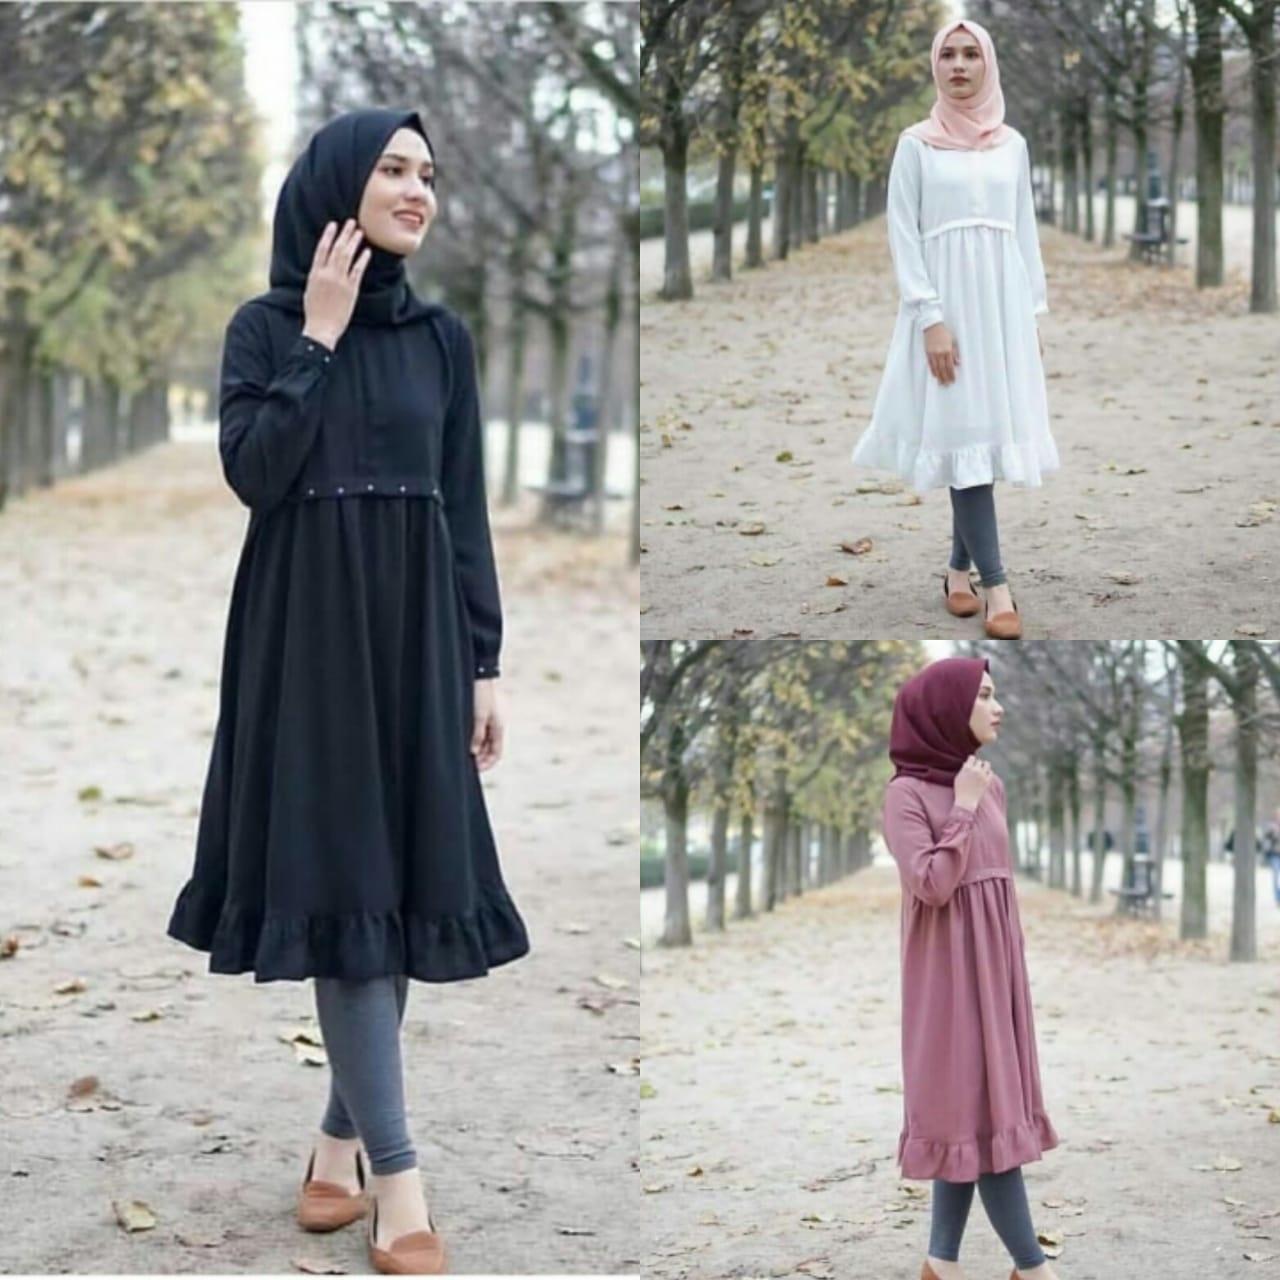 Cuties Shop SFS Andika TunikMatt Twistcone,Size fit to L,apk mutiara